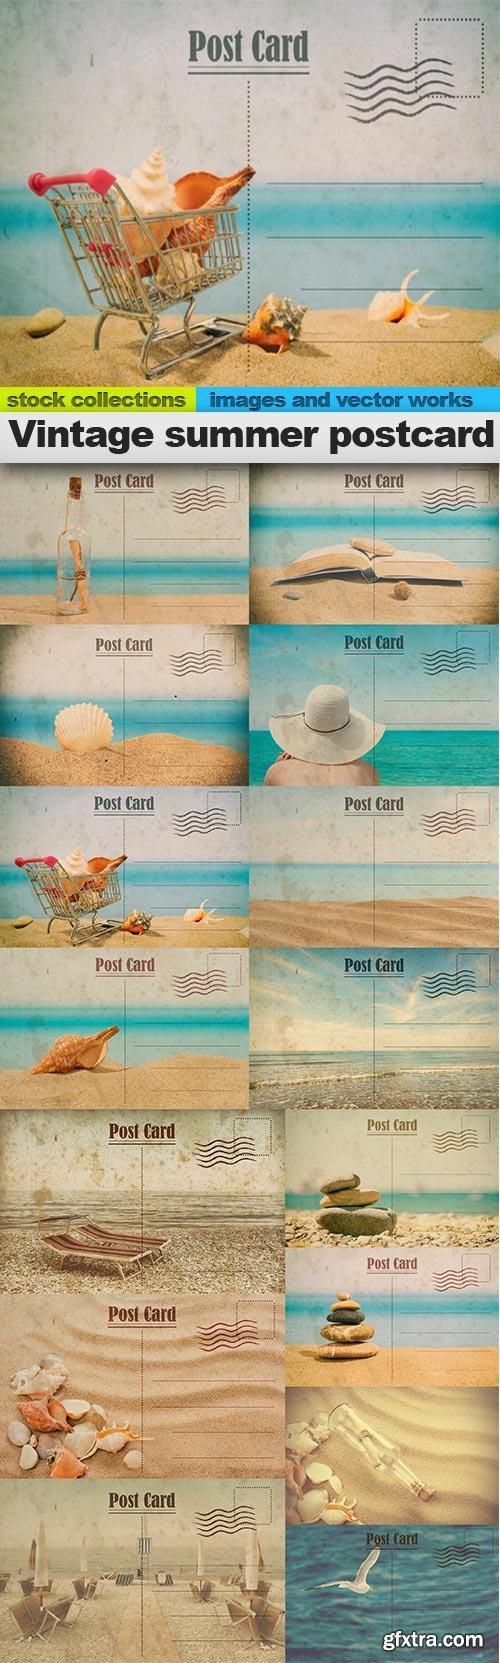 Vintage summer postcard, 15 x UHQ JPEG